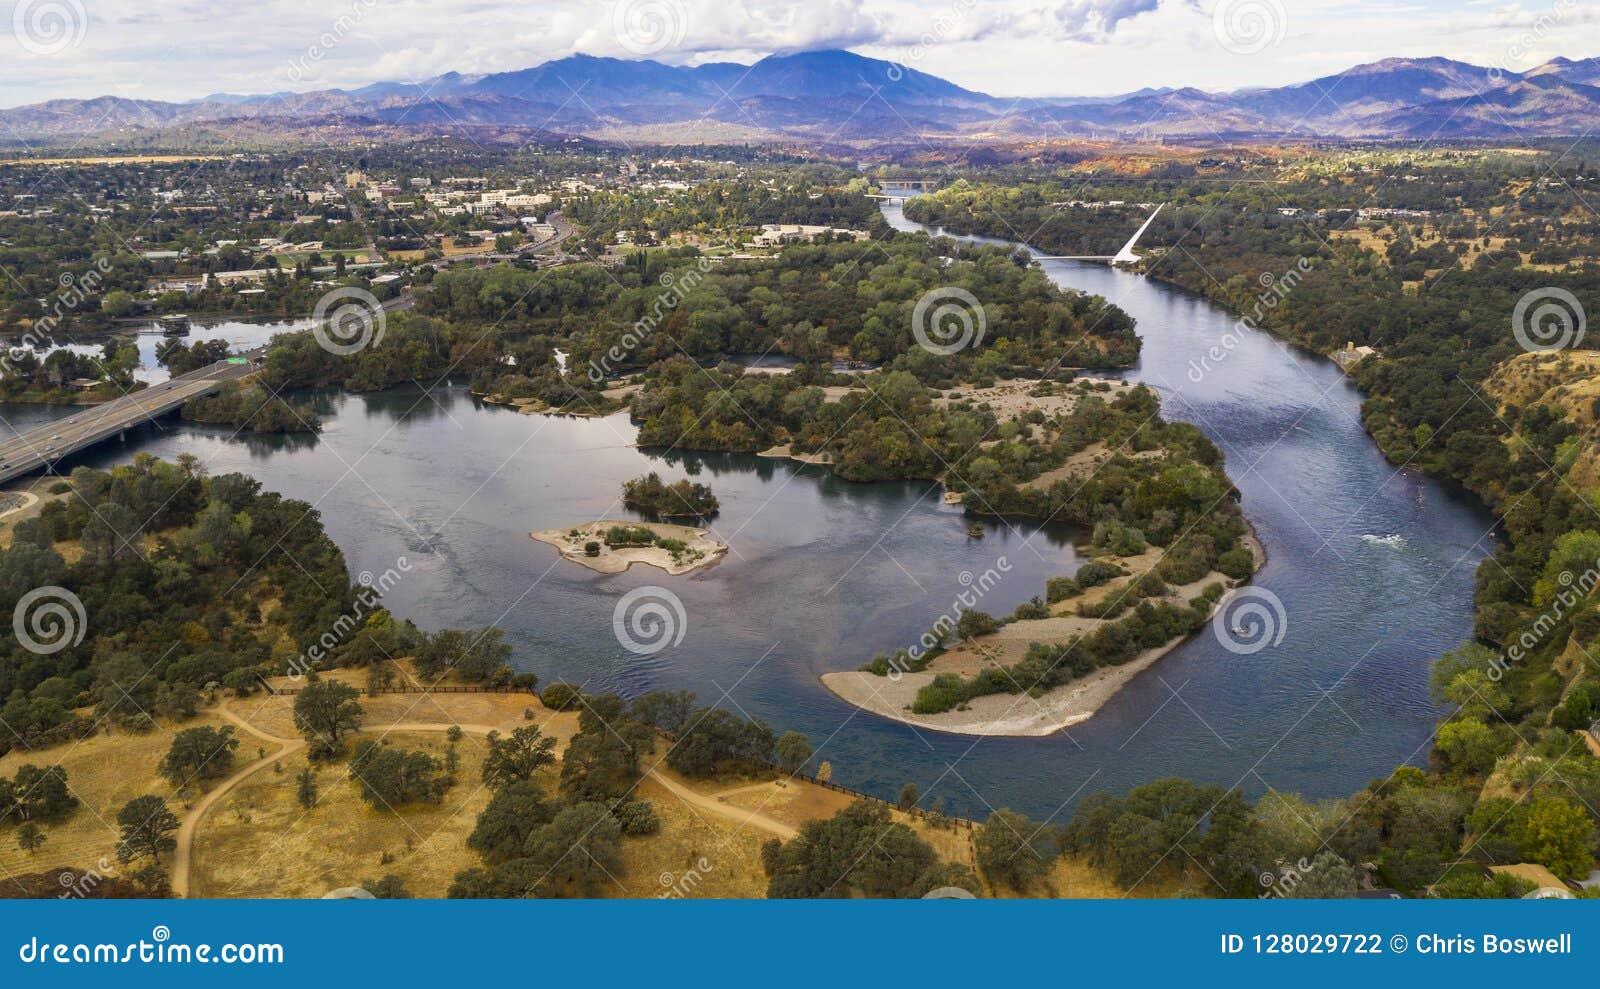 Aerial View Sacramento River Redding California Bully Choop Mountain